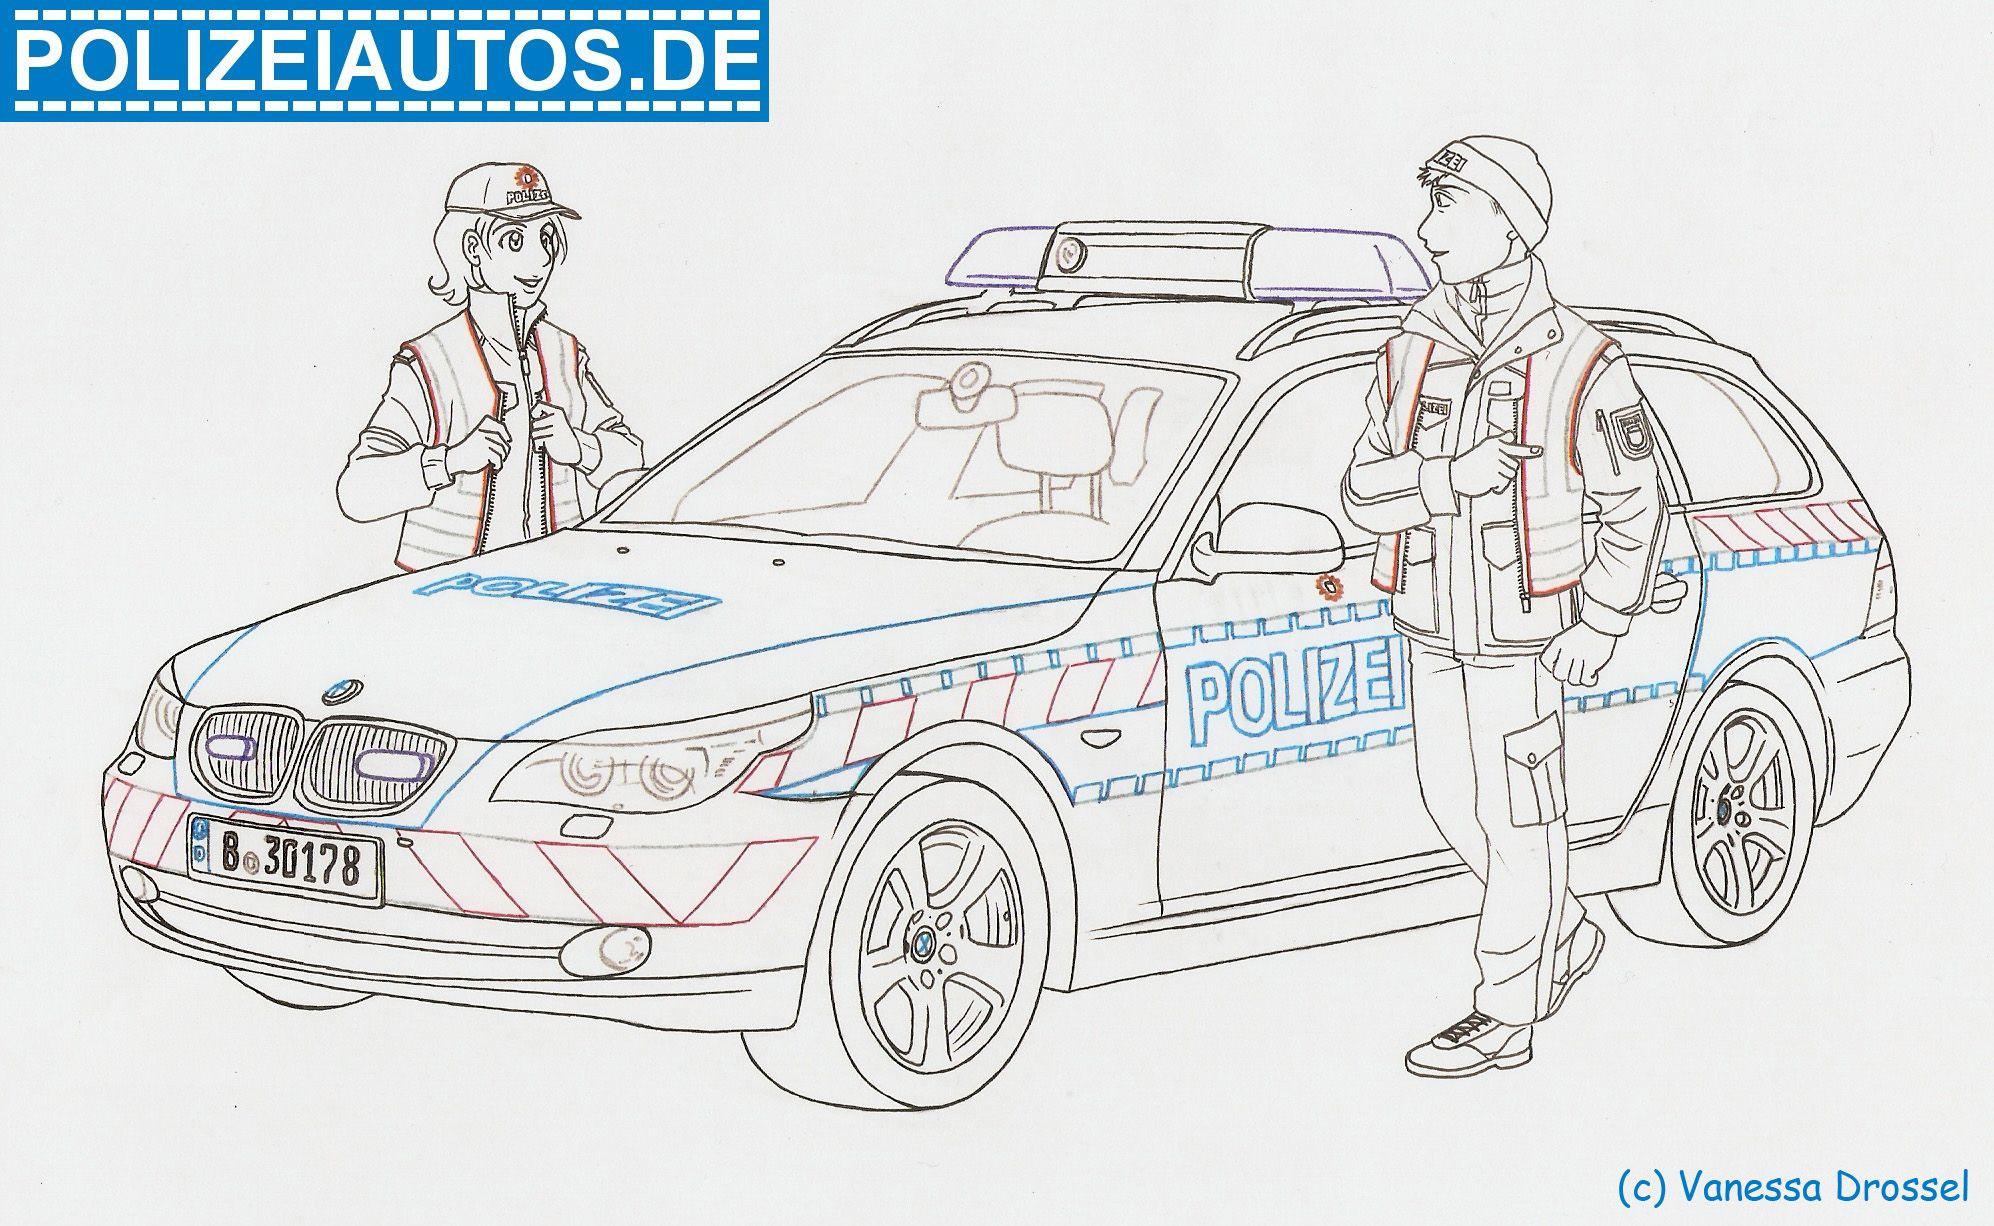 Ausmalbilder Polizei Und Feuerwehr Inspirierend Ausmalbild Polizei 73 Malvorlage Polizei Ausmalbilder Kostenlos Galerie